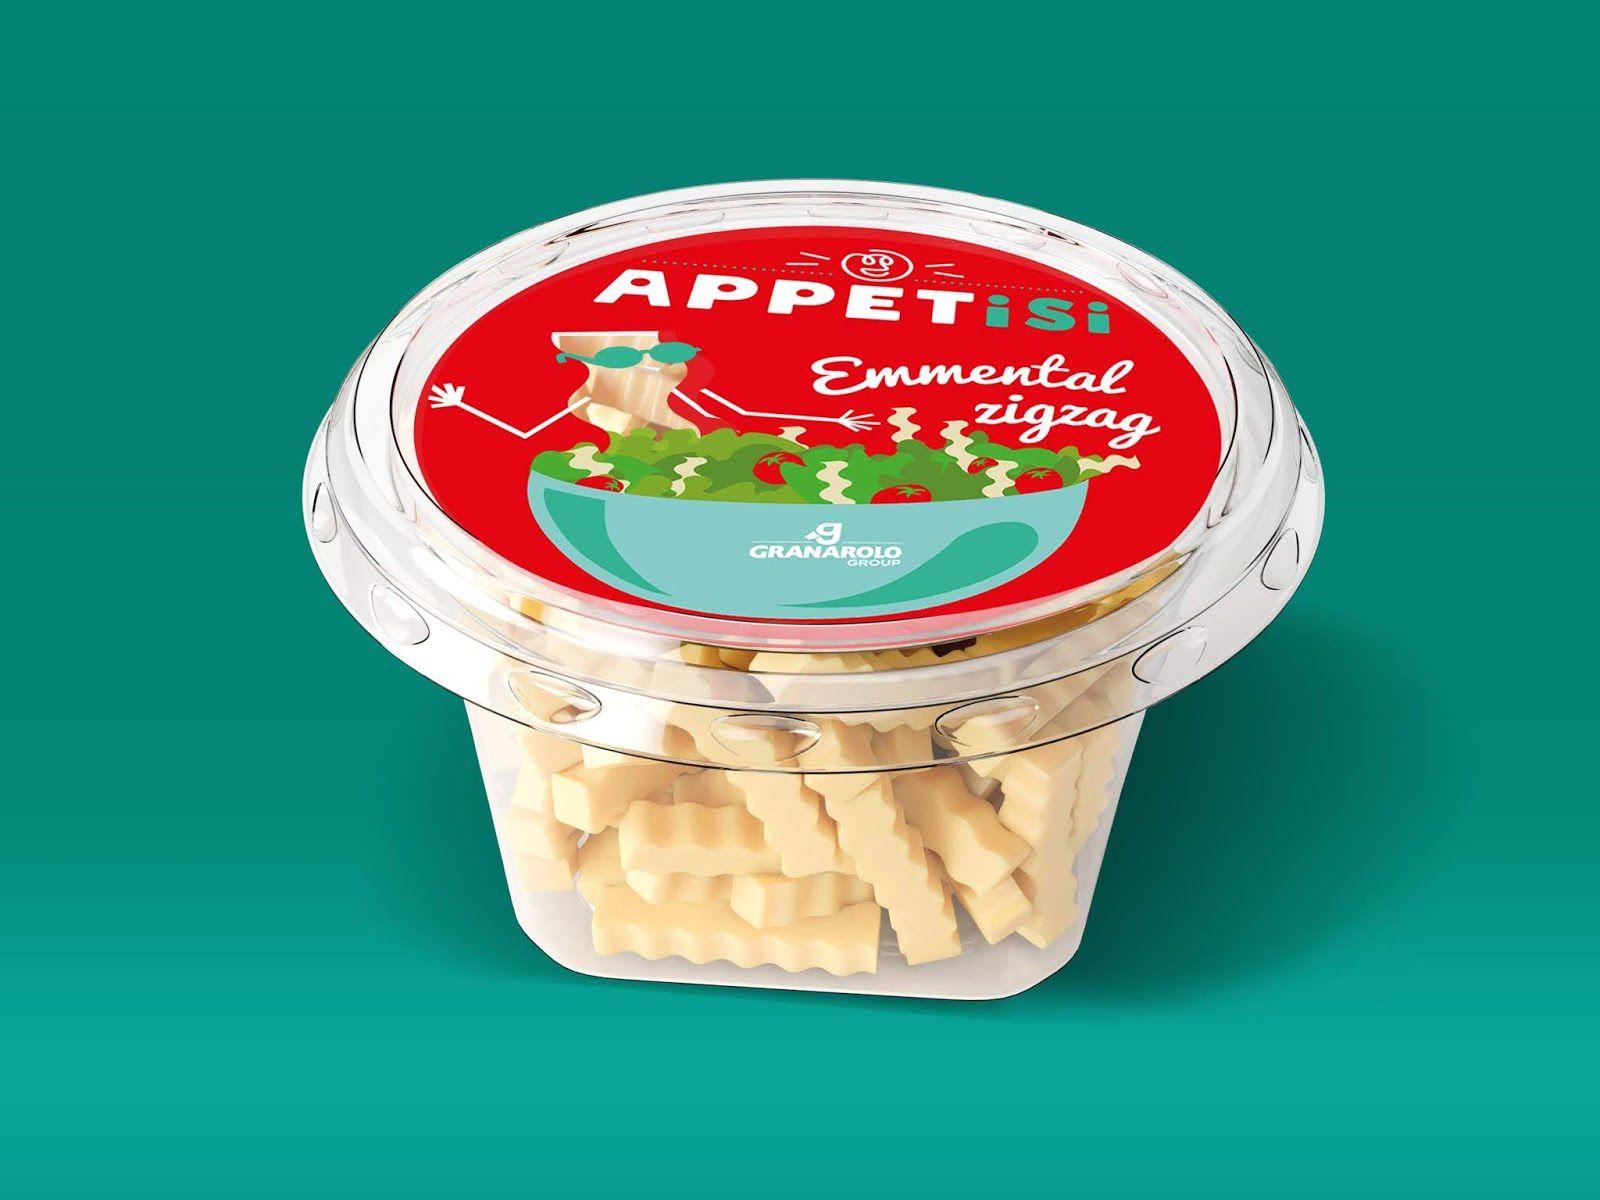 Appetisi - GRANAROLO (fromages découpés) I Design : Made for you, Paris, France (août 2018)